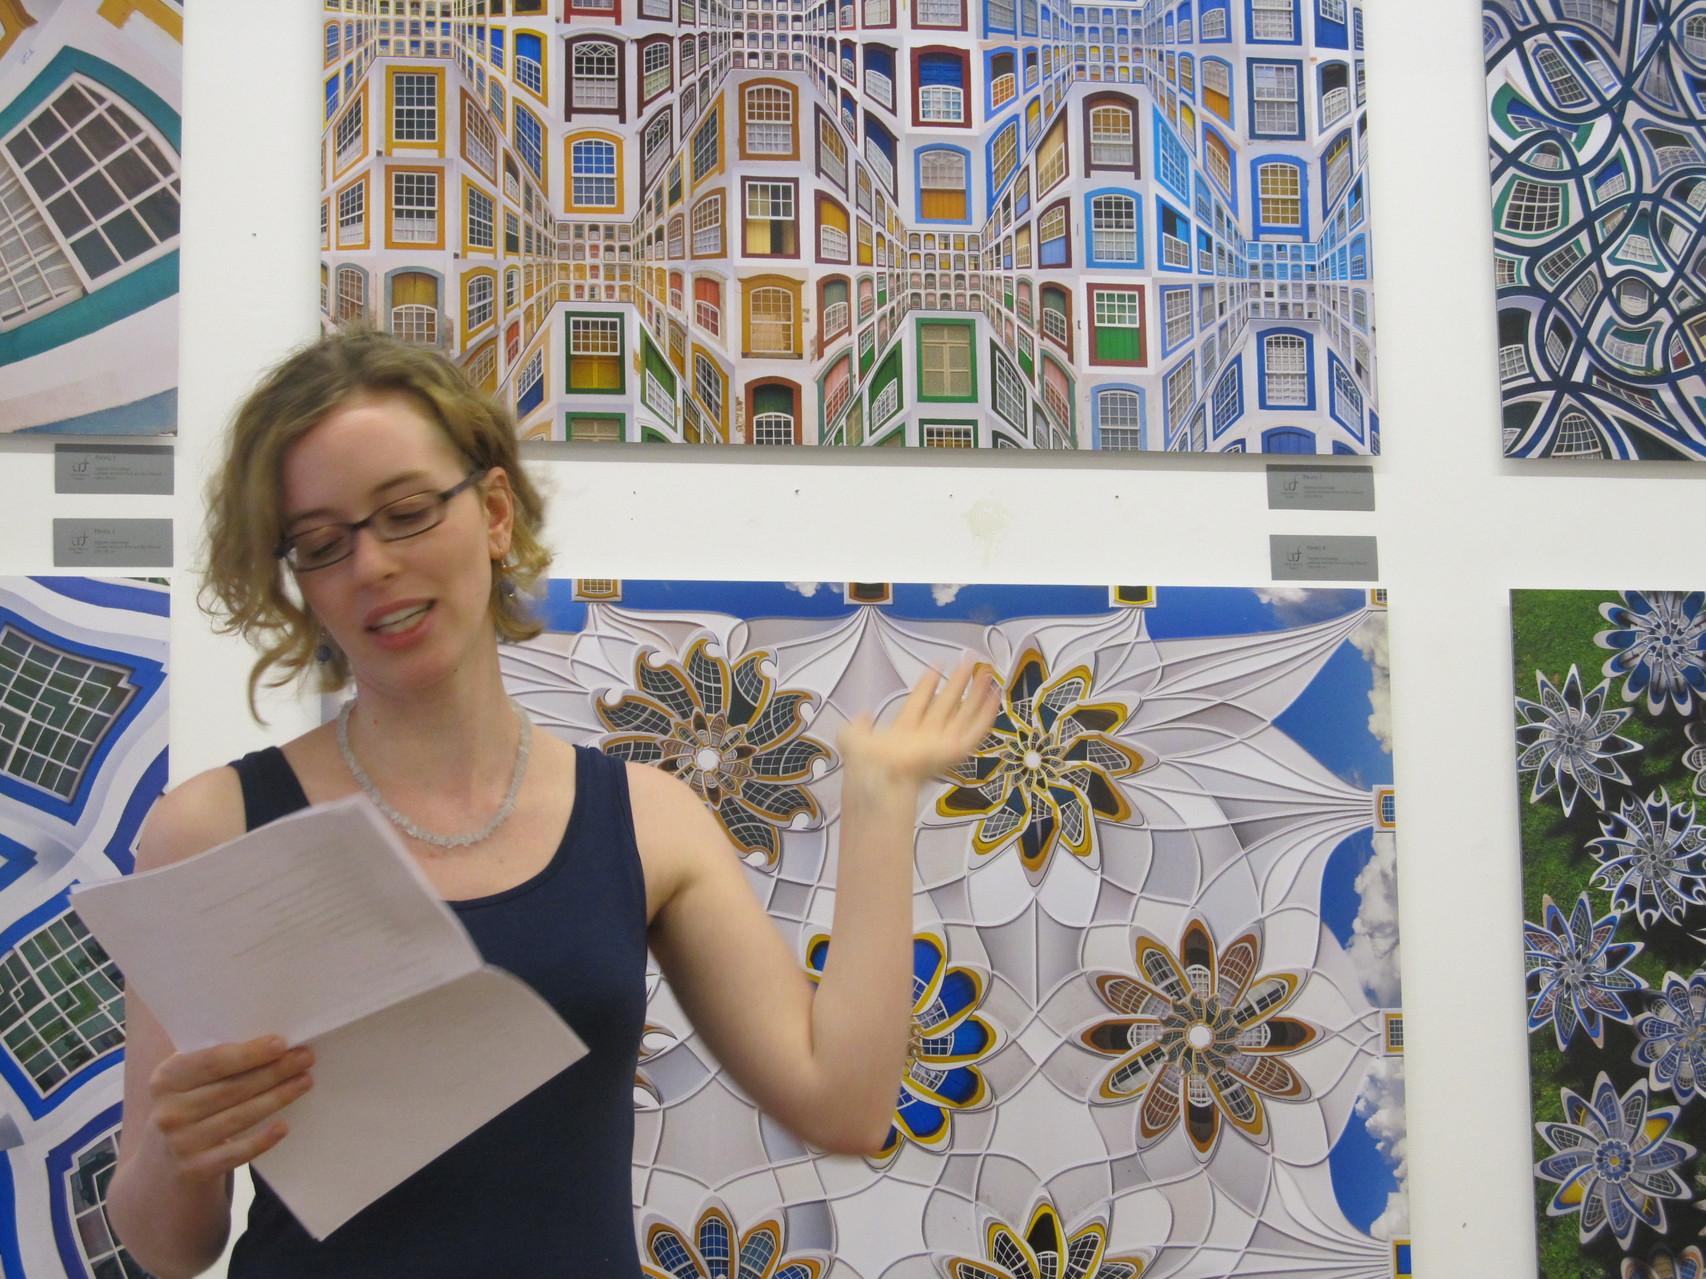 Elisa Krimbacher las einen eigens für die Ausstellung verfassten Text